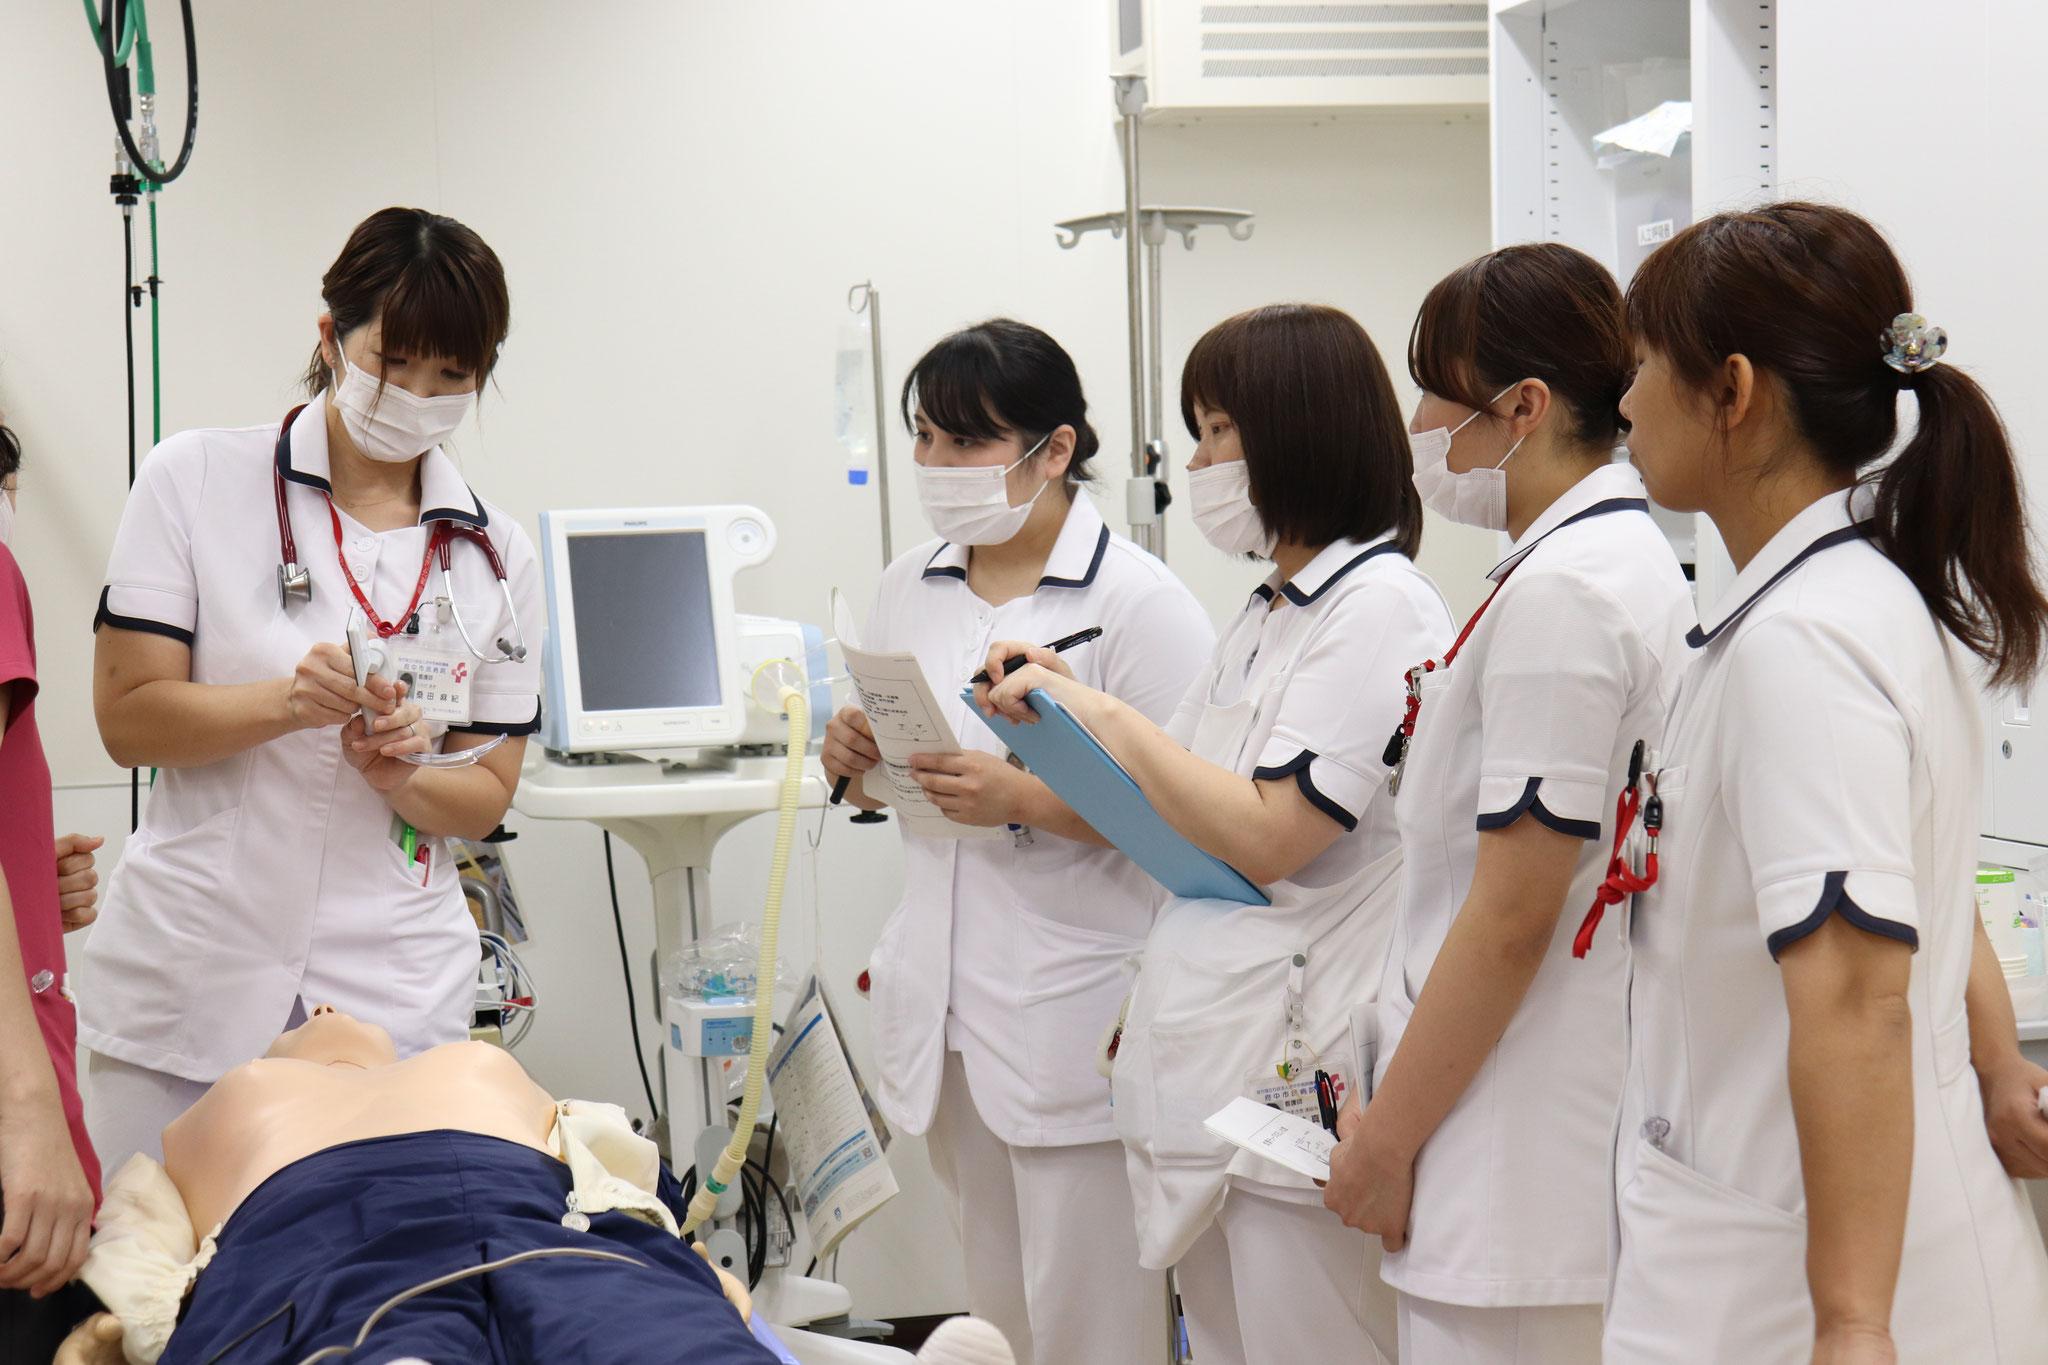 【新採用看護師研修】挿管介助